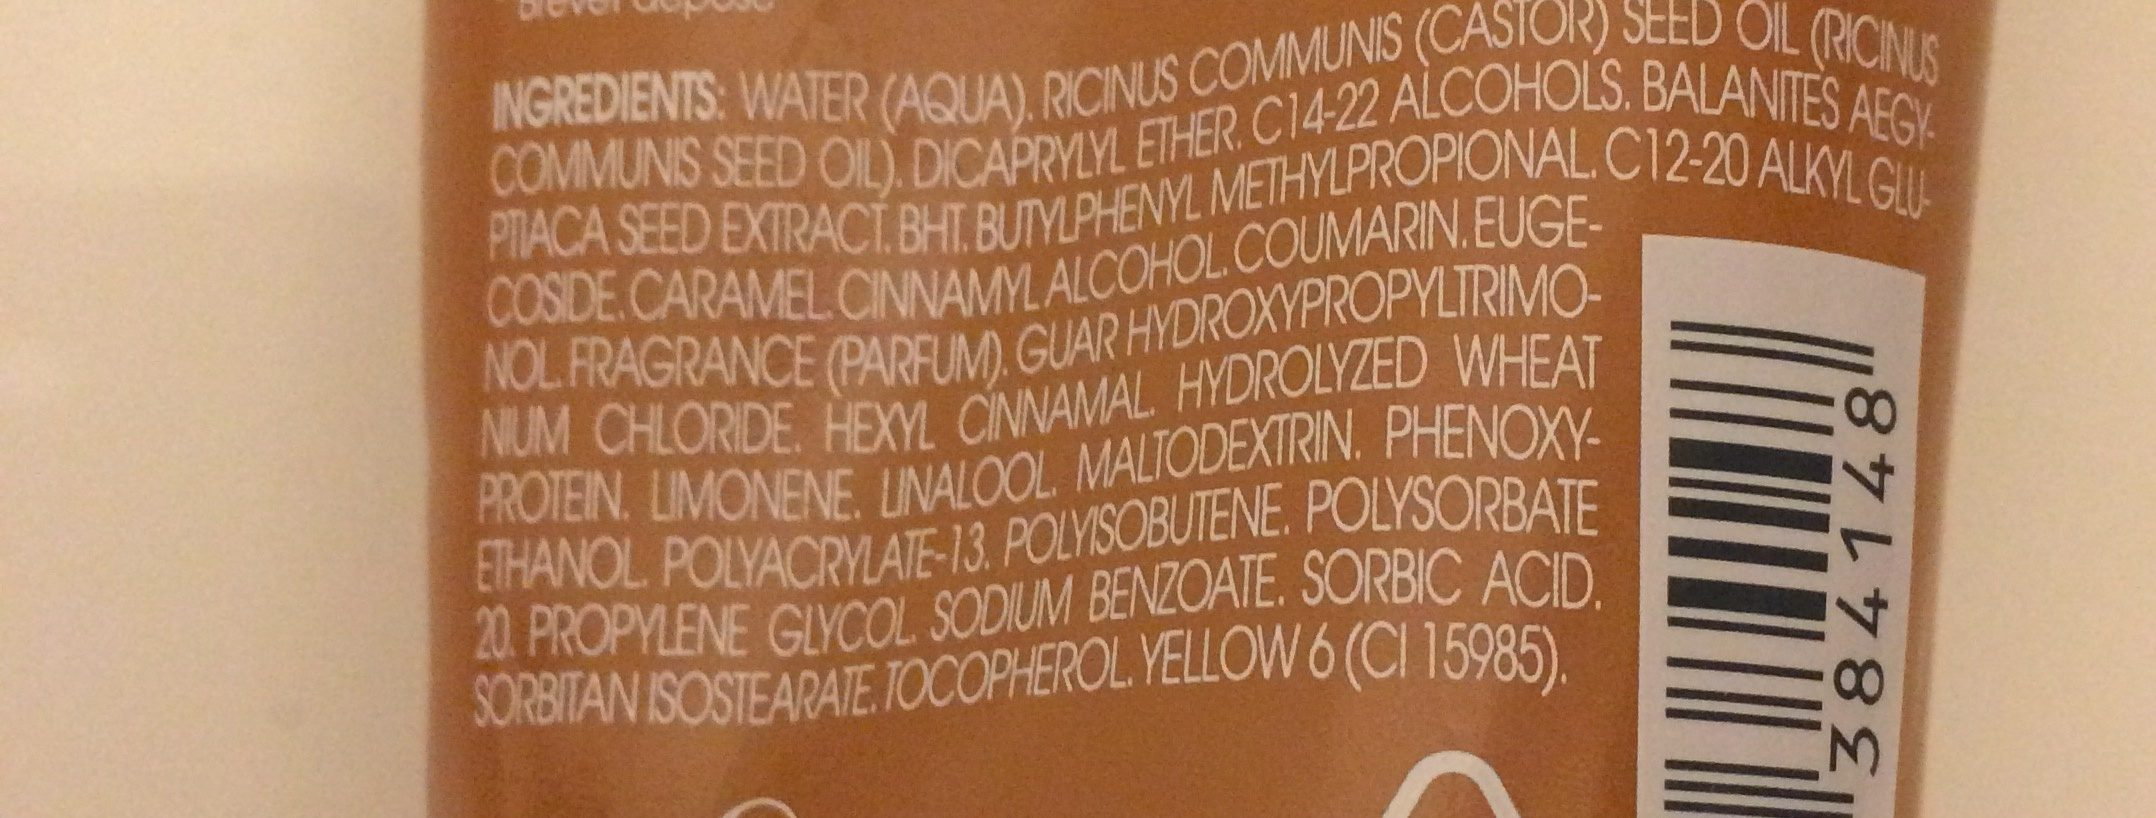 Klorane - Crème De Jour Capillaire Nutritive Et Réparatrice Au Dattier Du Désert - Ingrédients